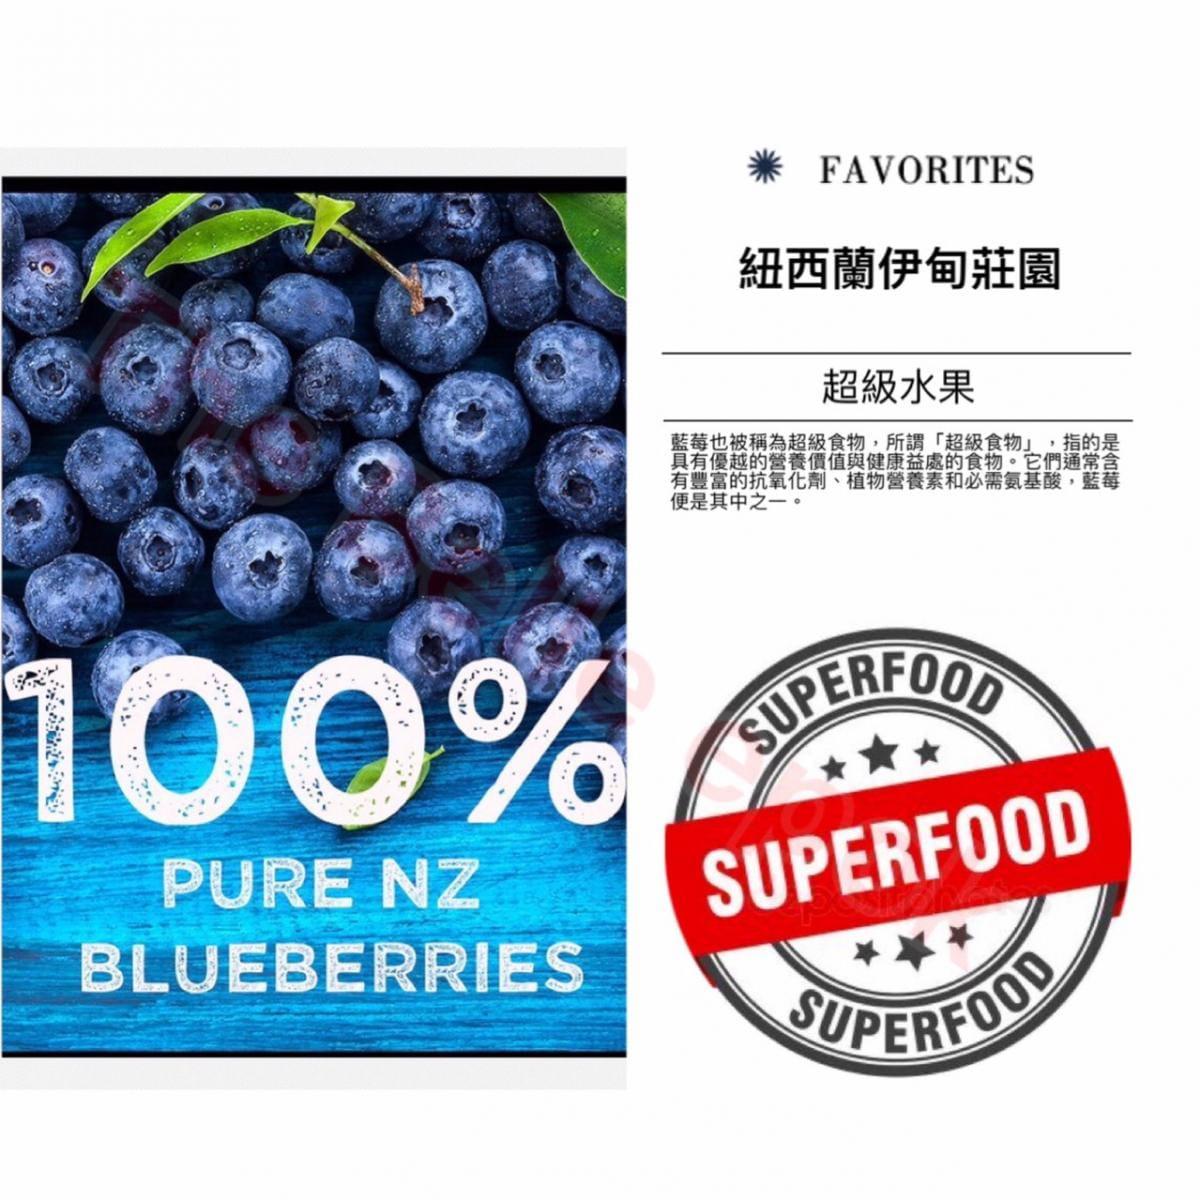 紐西蘭進口-伊甸莊園100%櫻桃汁,100%藍莓汁,綜合果汁 果汁飲料運動補給 夏天 養顏美容 5